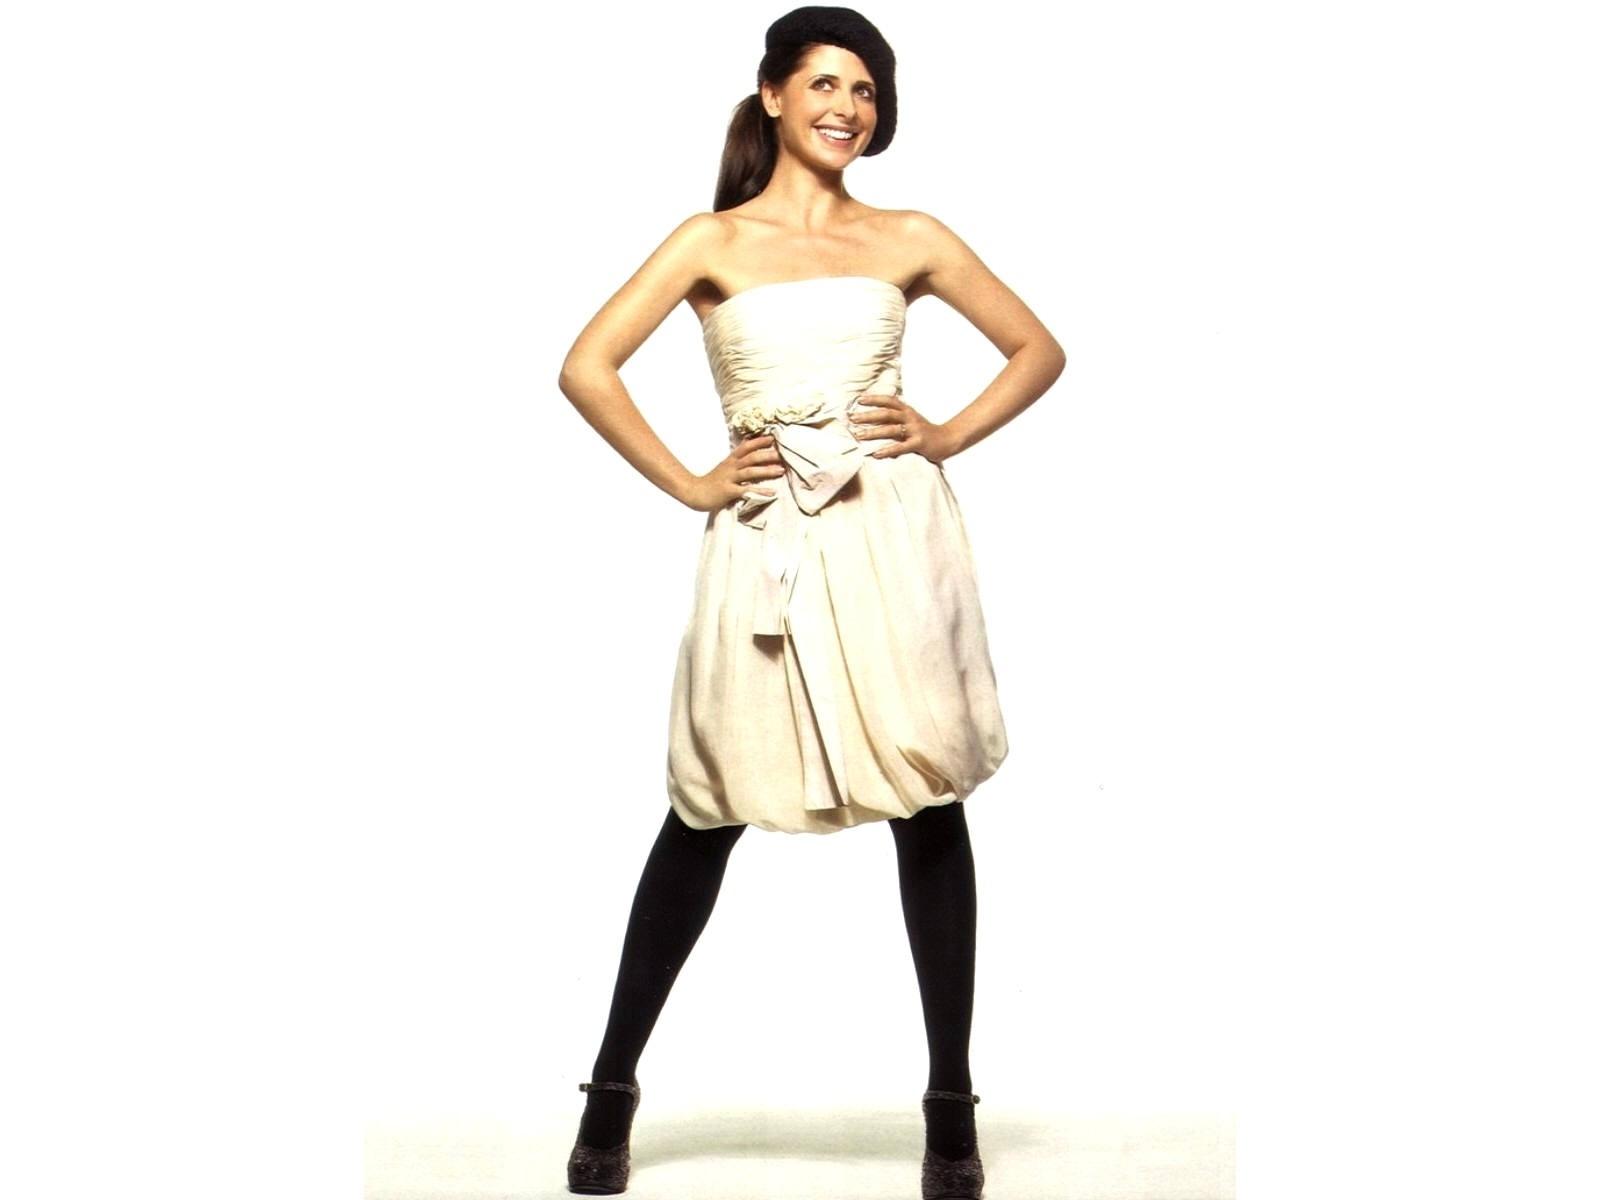 Wallpaper di Sarah Michelle Gellar con un abito bianco